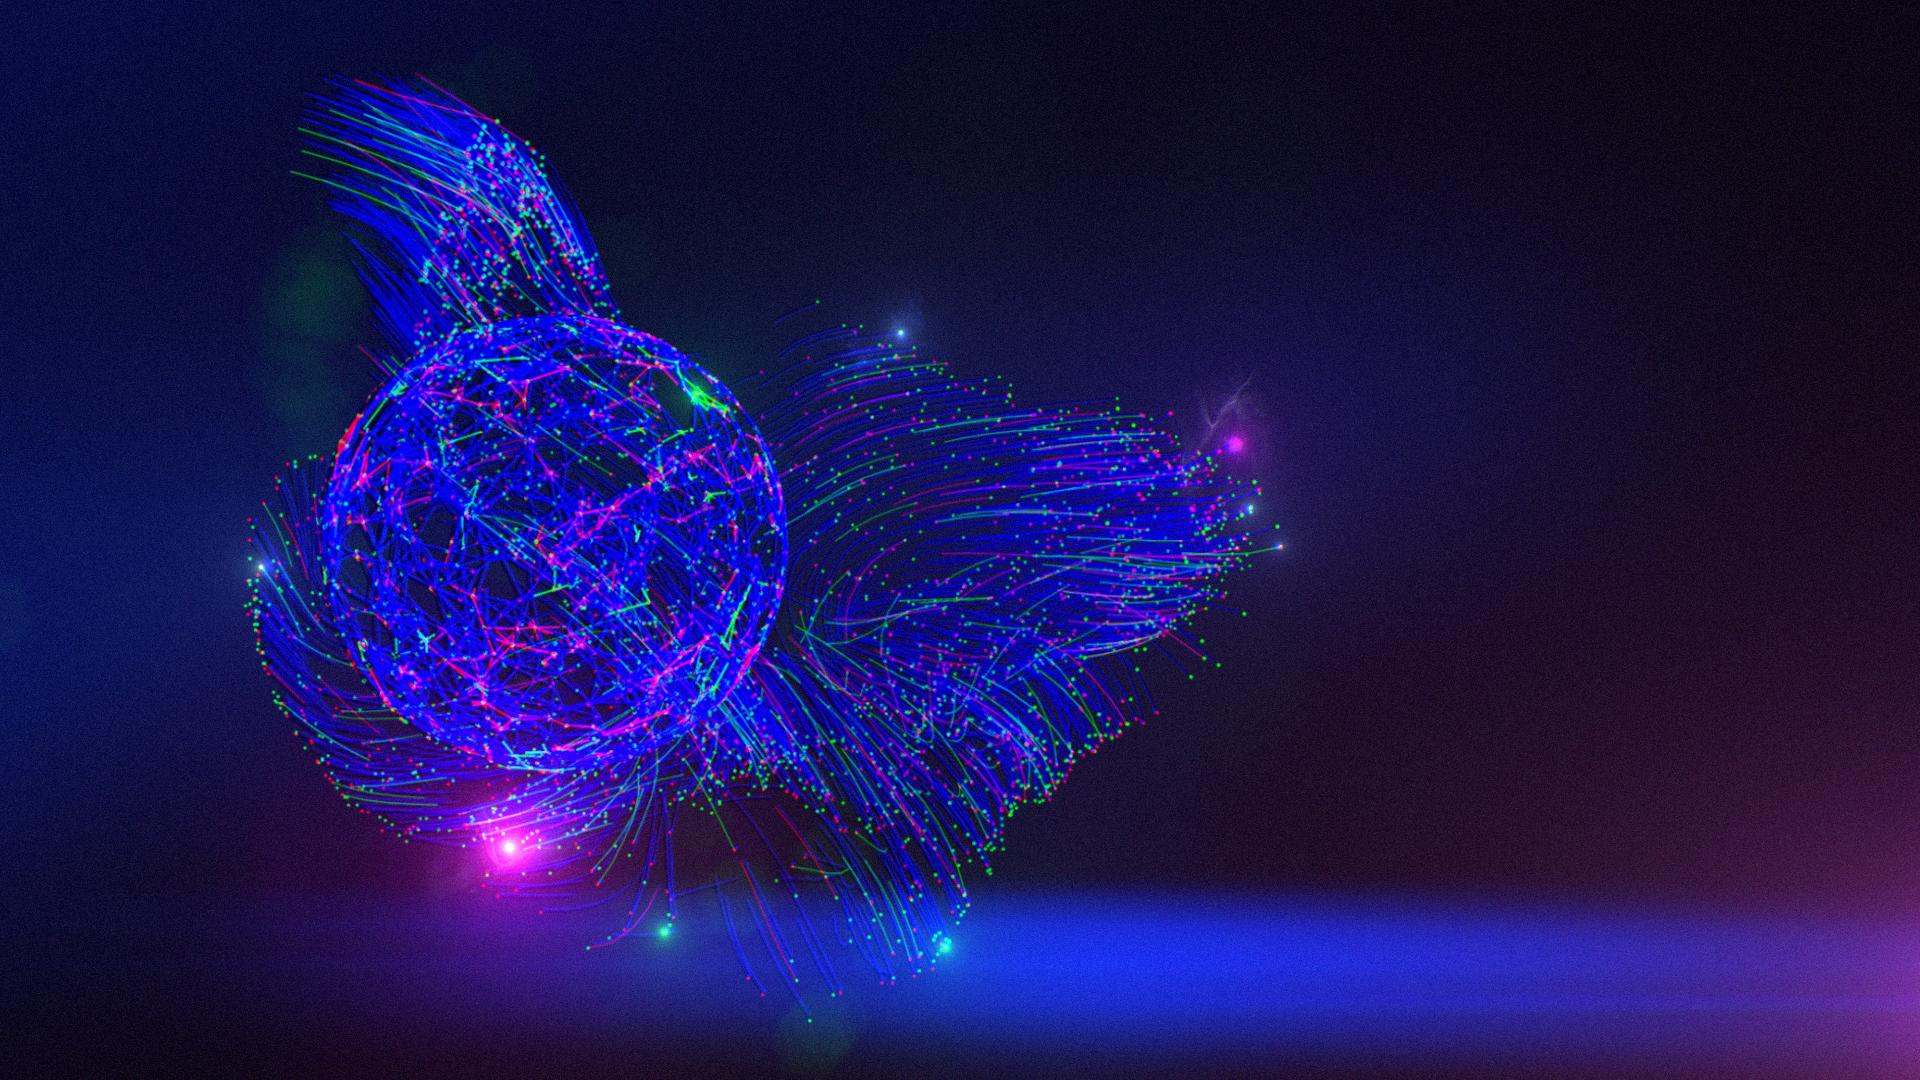 11_160315_Neon_Sphere_V002.jpg